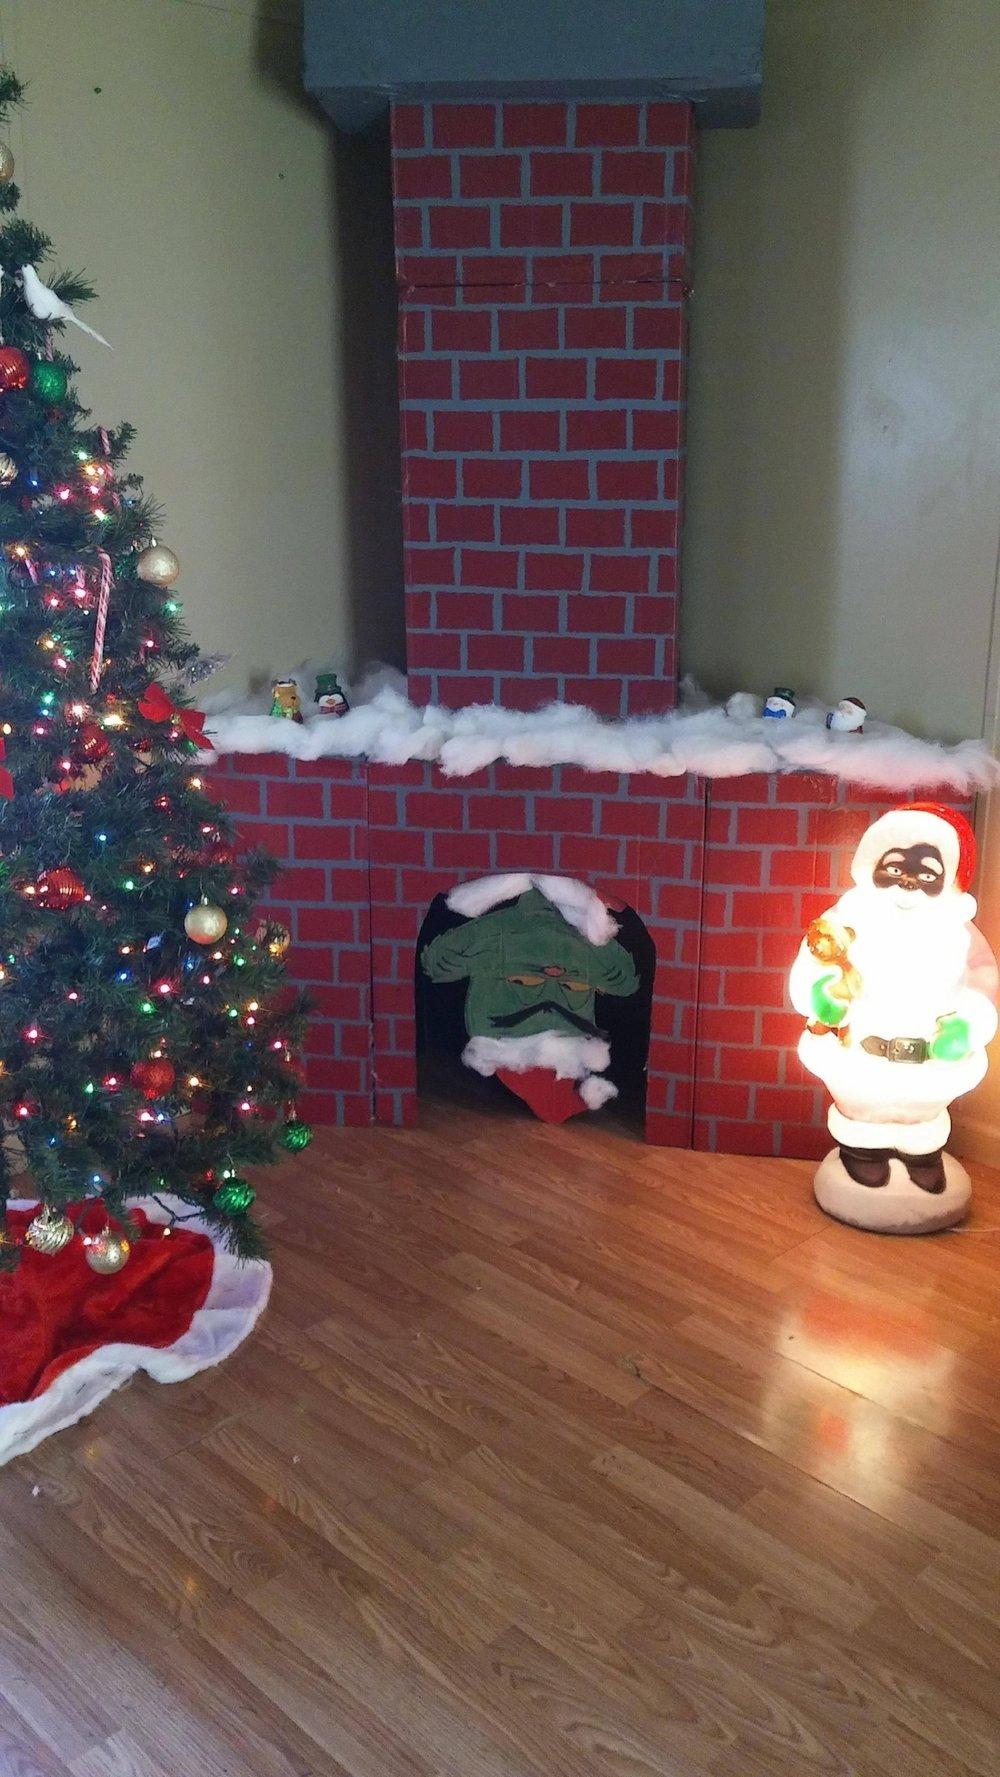 4 easy christmas crafts. #christmas #christmascrafts #handmade #handmadeChristmas #ChristmasGiftIdeas #SewingTutorial #fauxfireplace